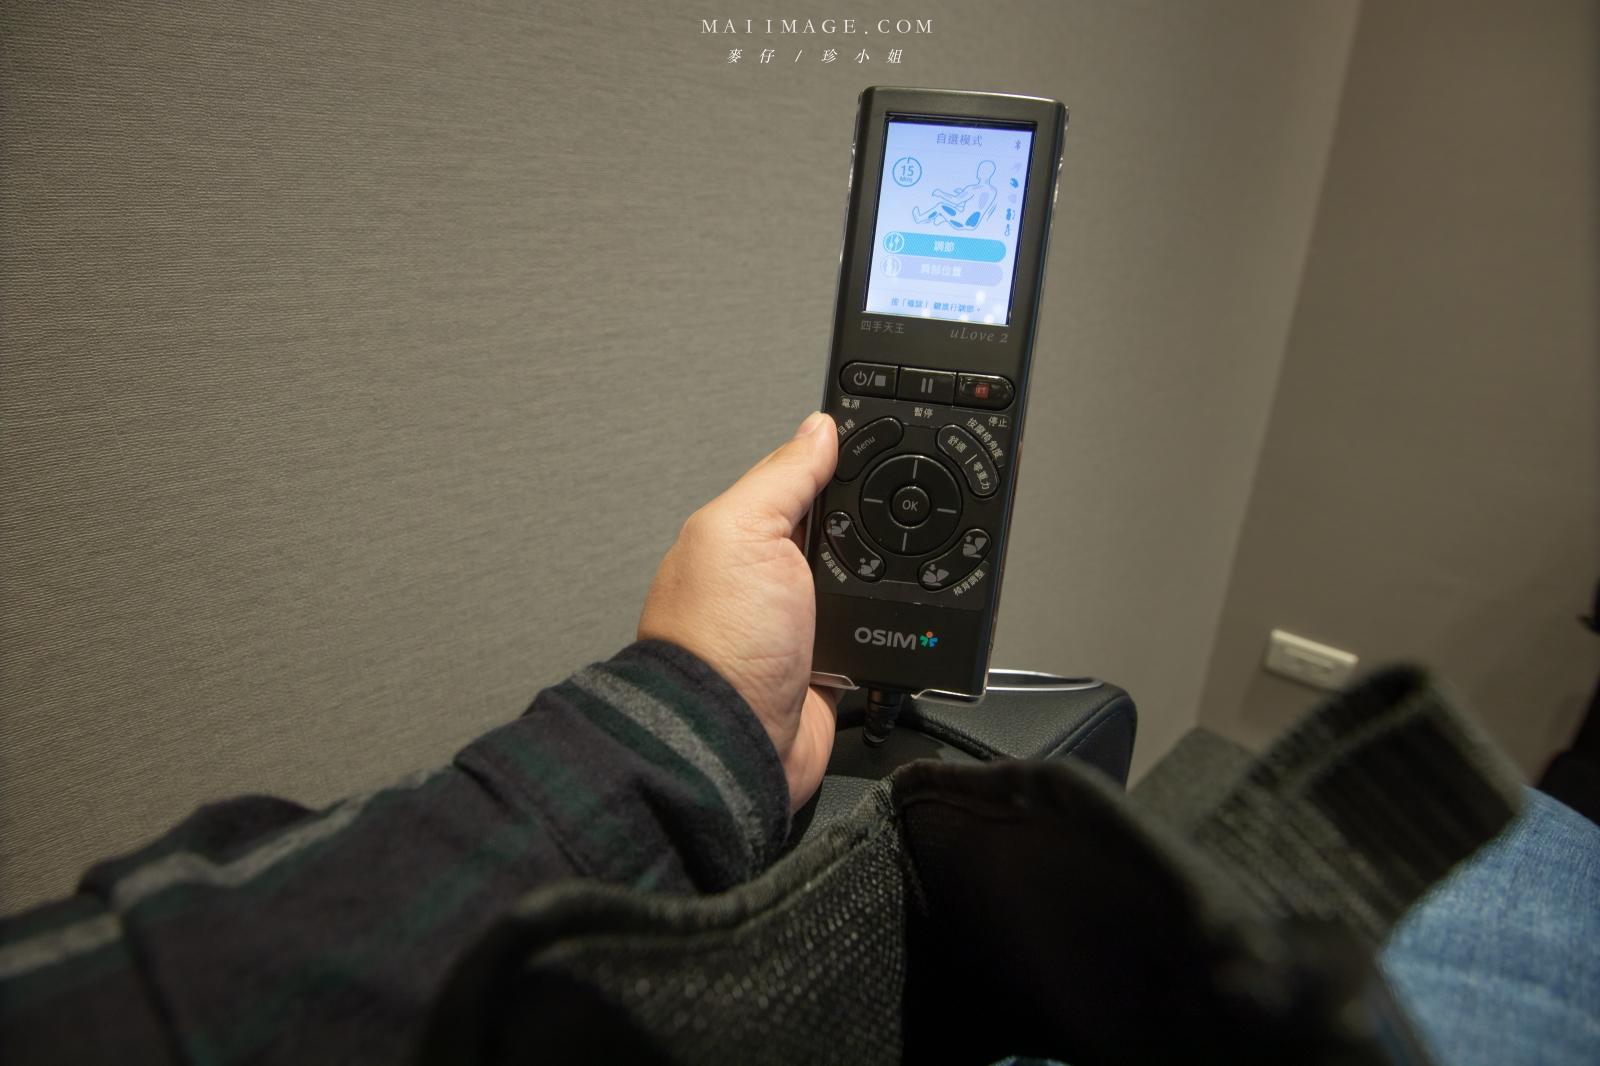 在無塵室手機包膜有見過嗎?小豪包膜台中旗艦店2.0|全新Iphone12 pro Max包膜,重金打造超舒適環境,還設有天王按摩椅跟咖啡招待、優惠空機代訂、客製化手機包膜